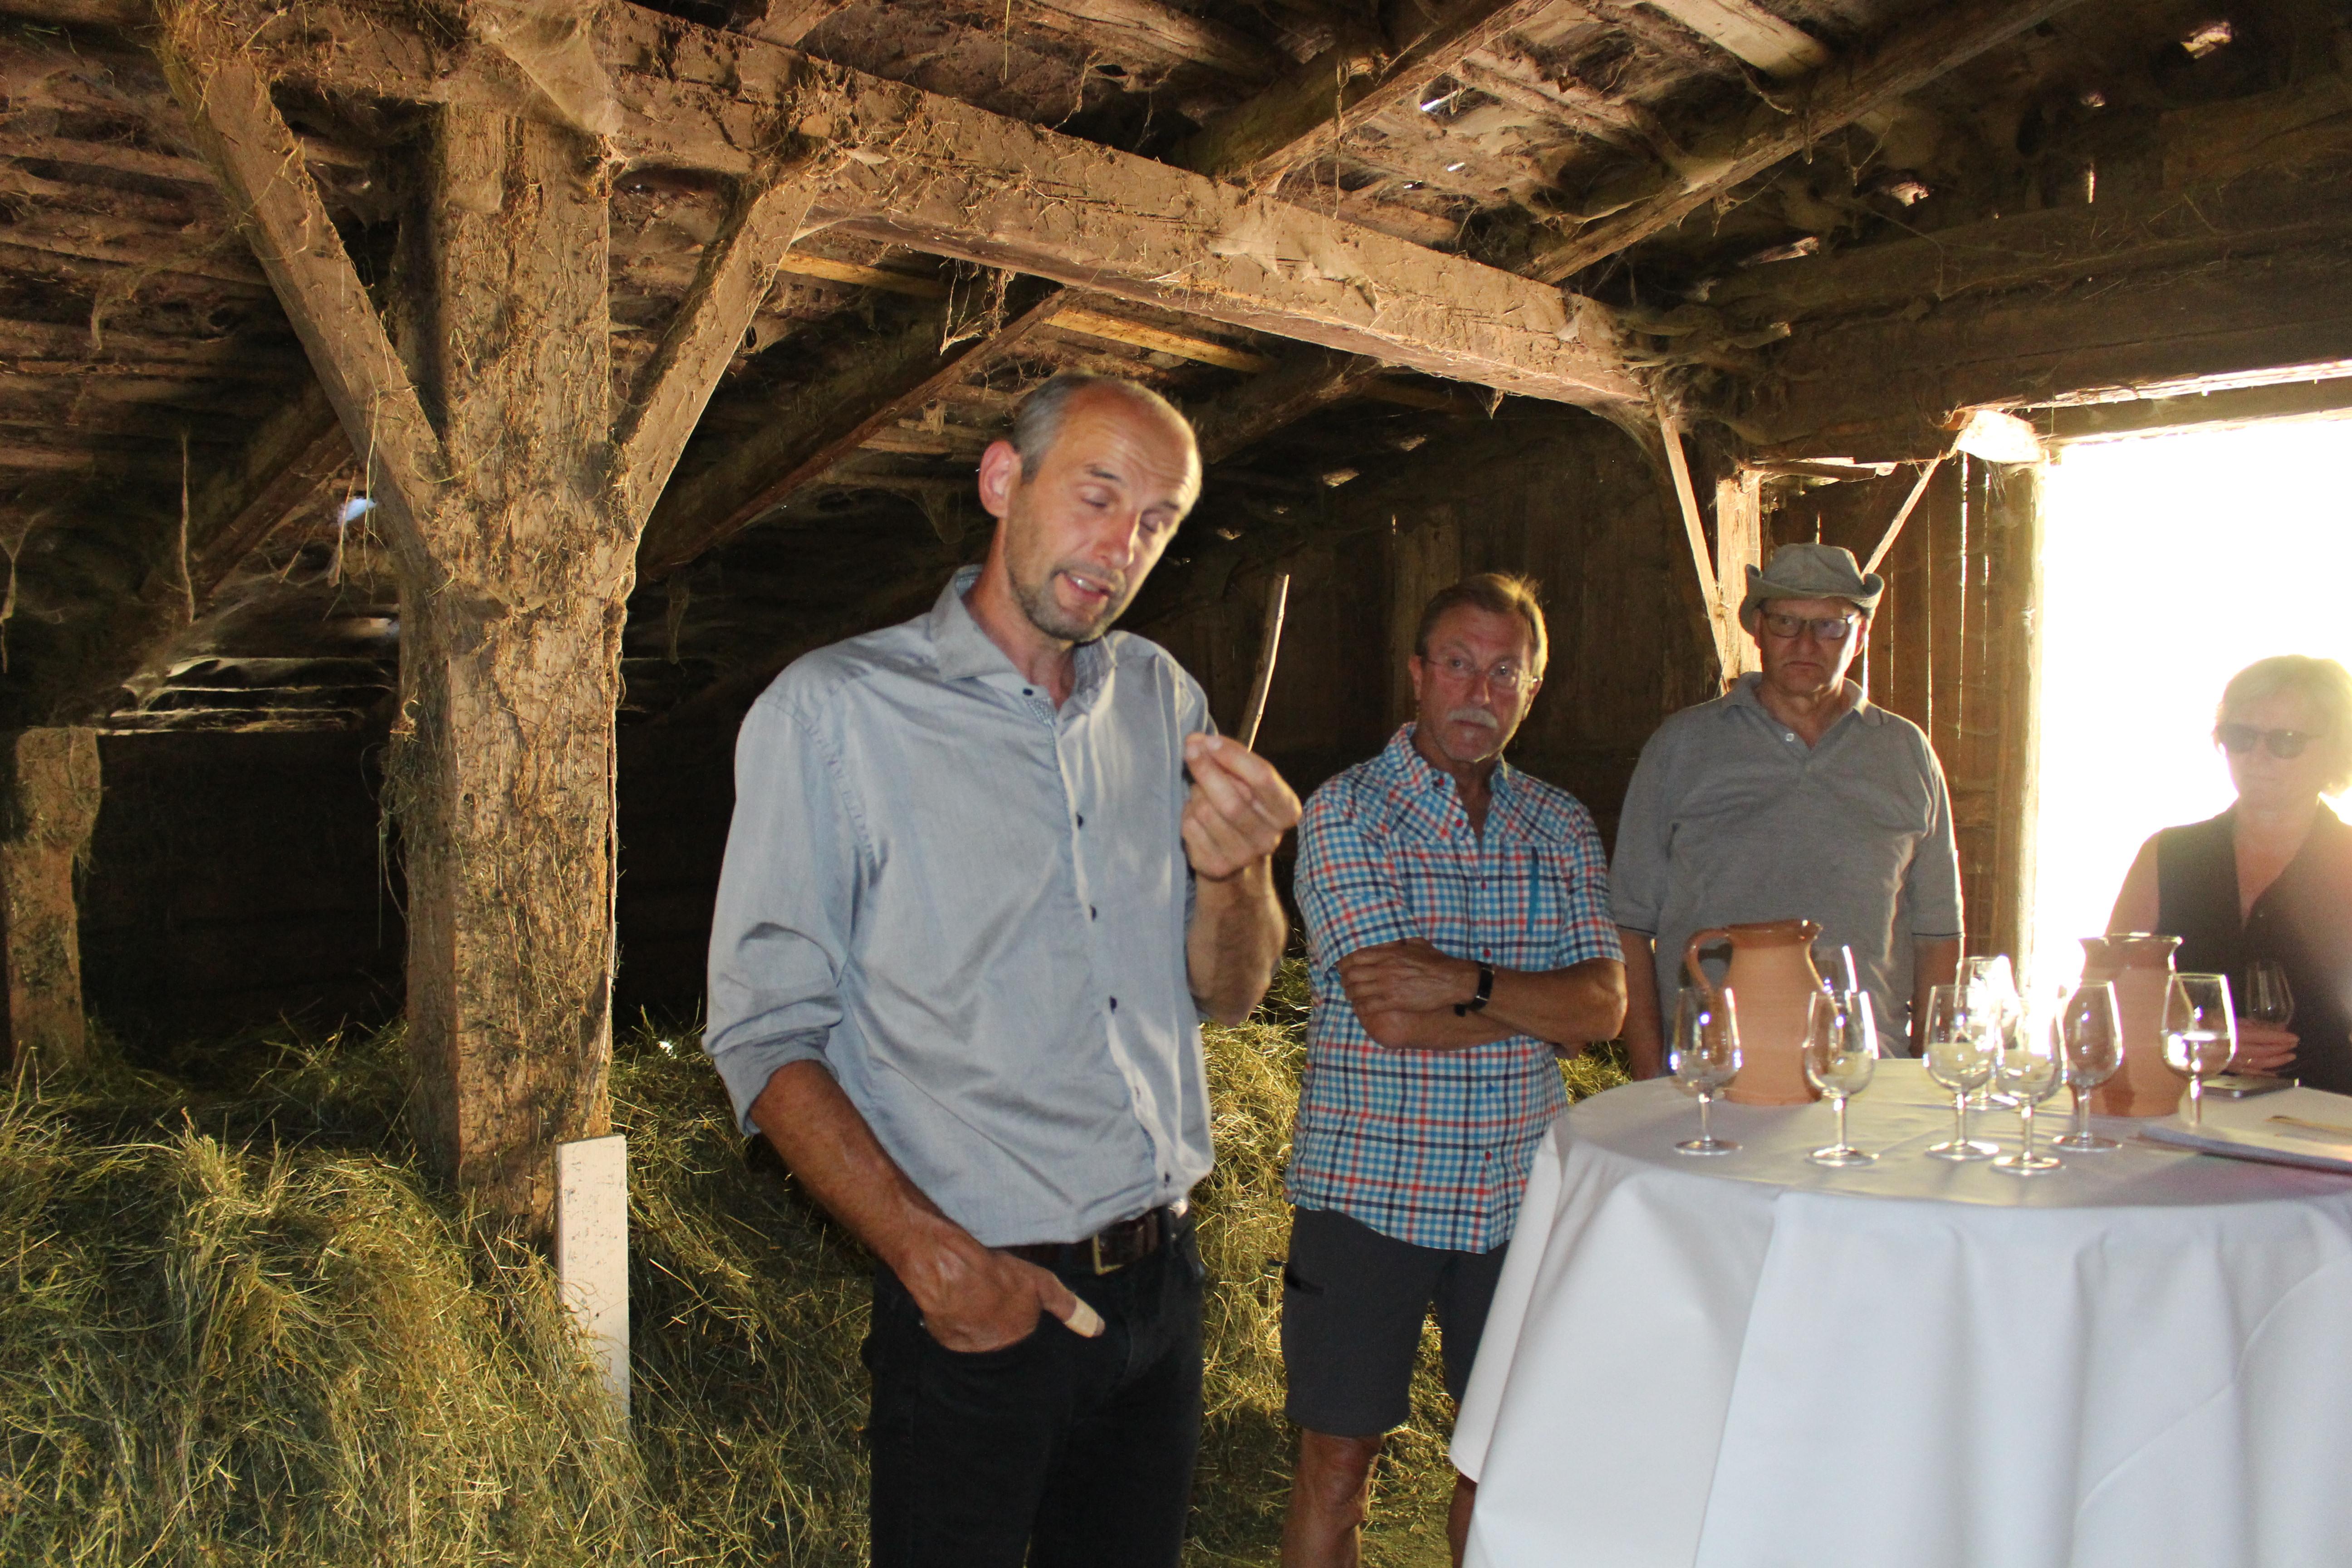 Zu Besuch bei Michael Oberhollenzers Bio-Bauernhof Moserhof in Steinhaus